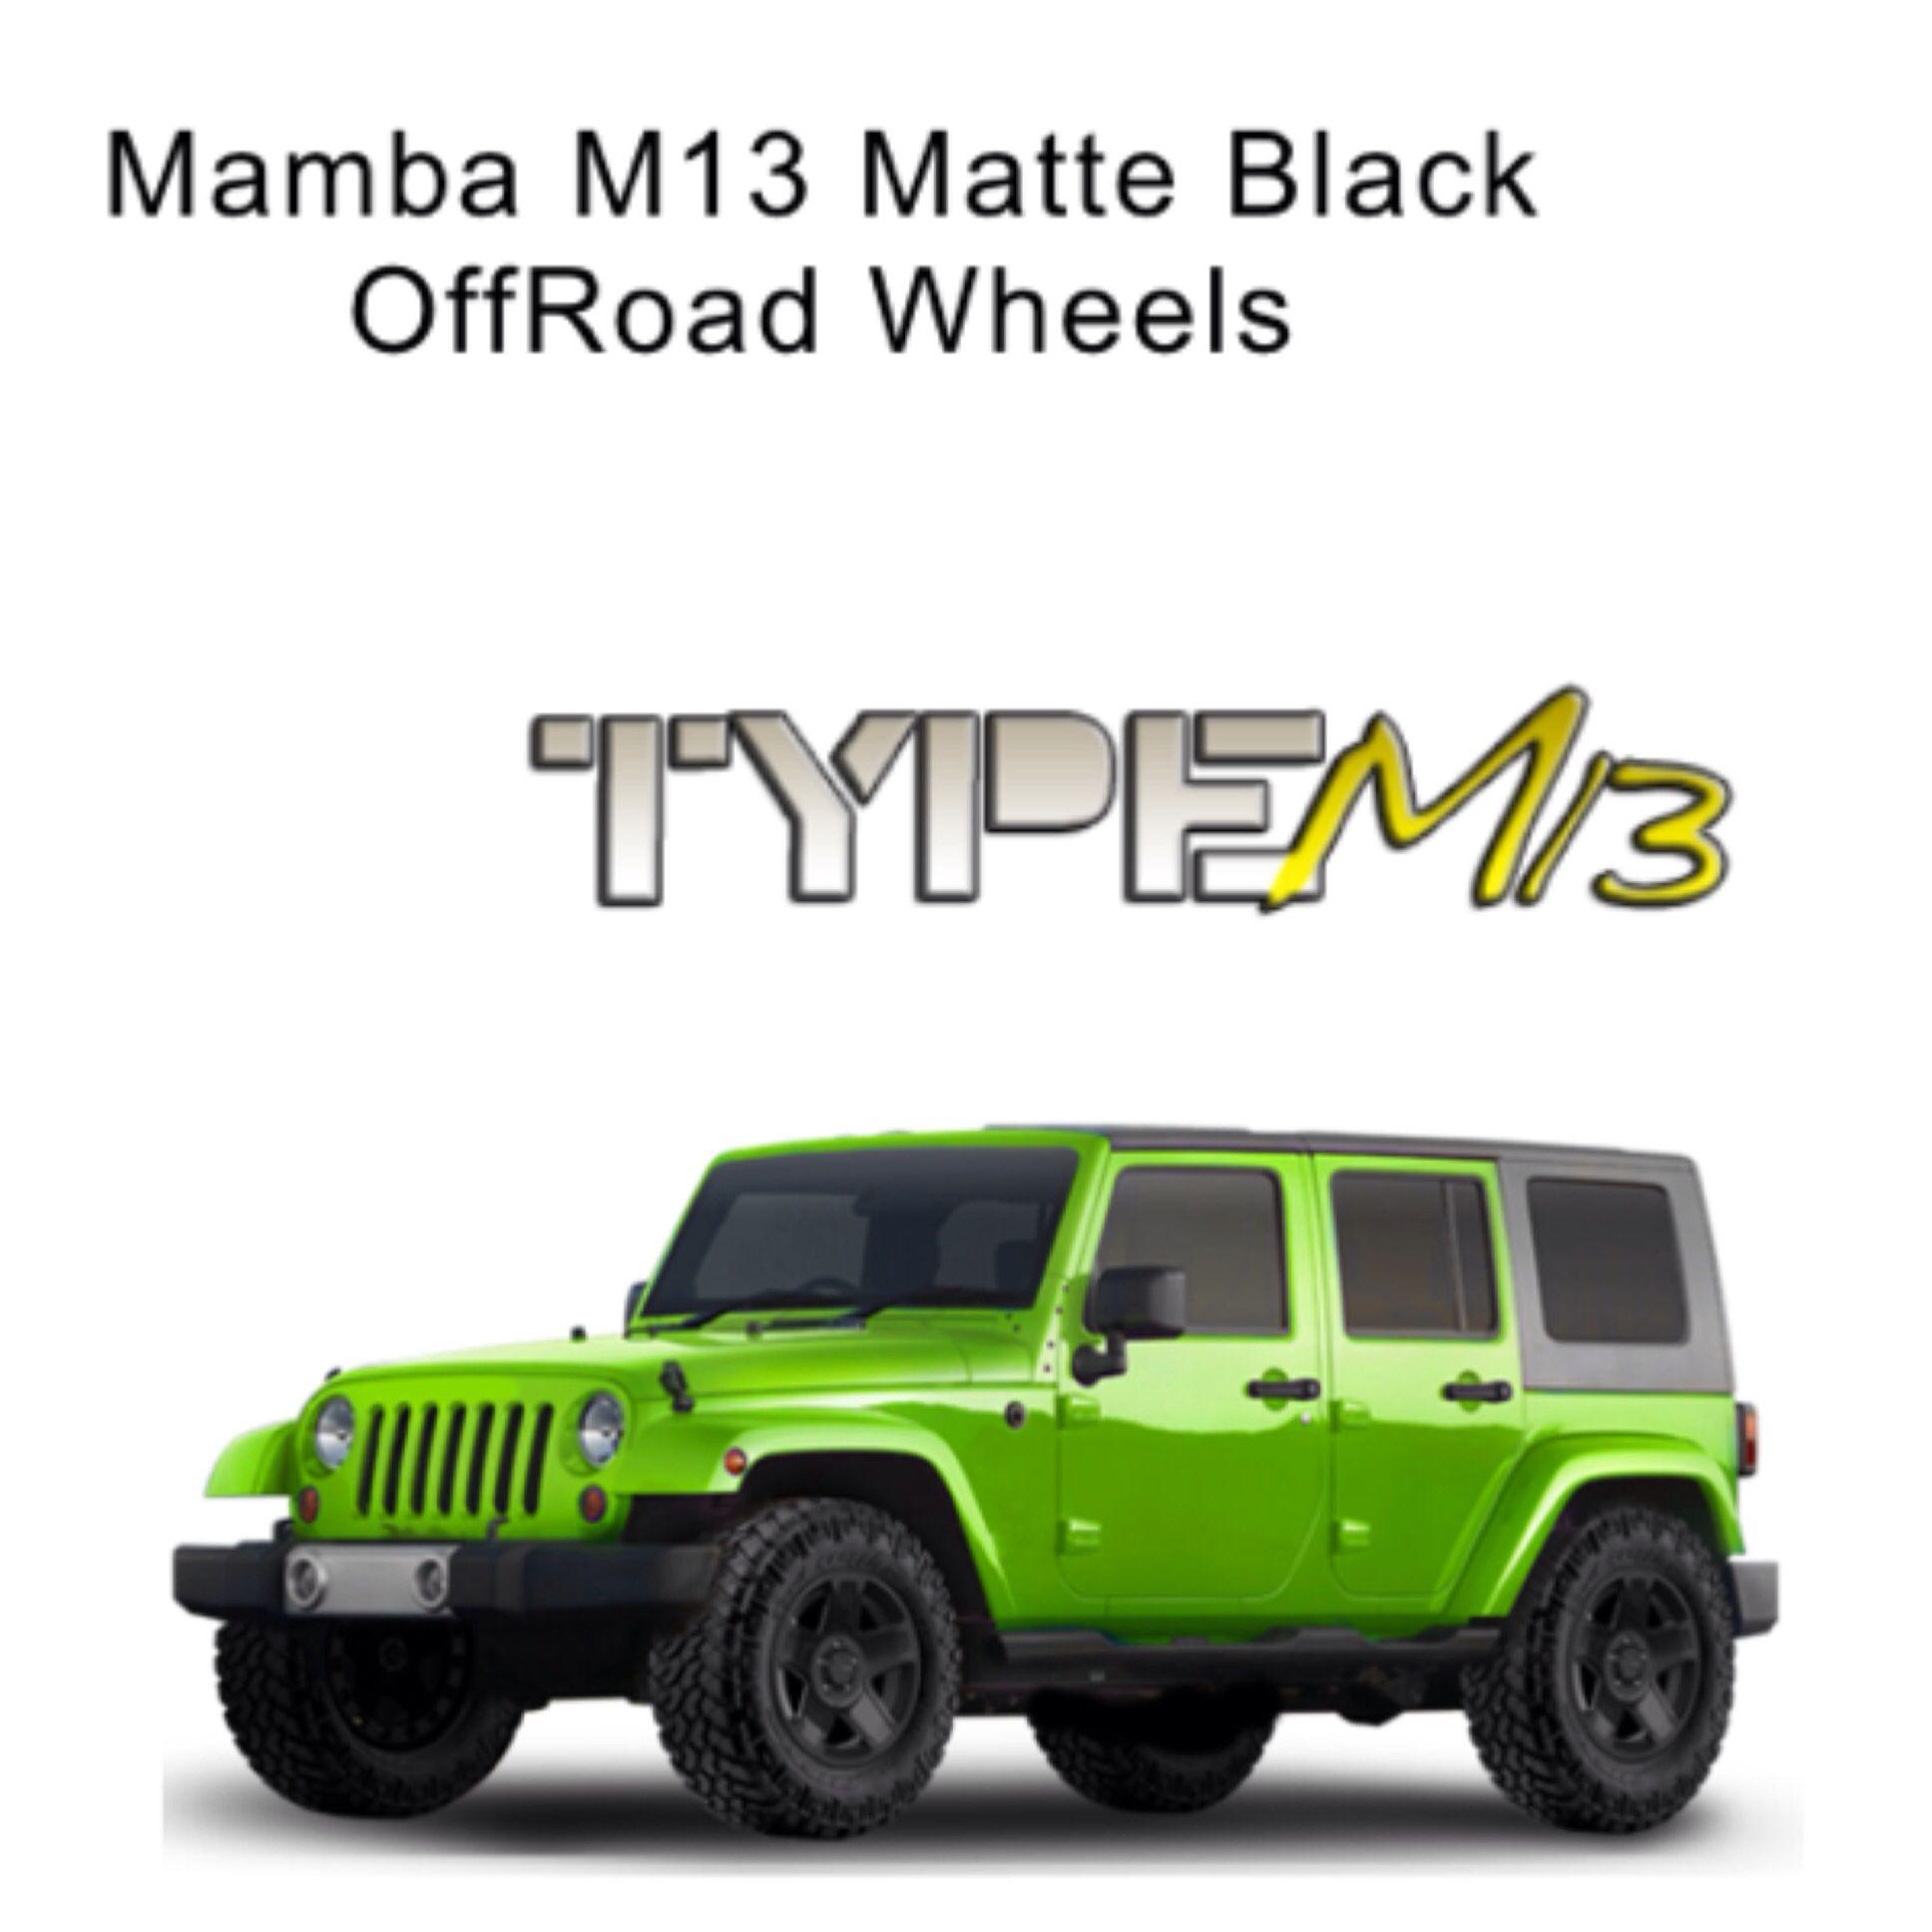 Mamba M13 Matte Black OffRoad Wheels On Sale & Free Shipping!!! #offroadupgrades  #mamba  #mambawheels  #matteblack #offroadwheels  #m13